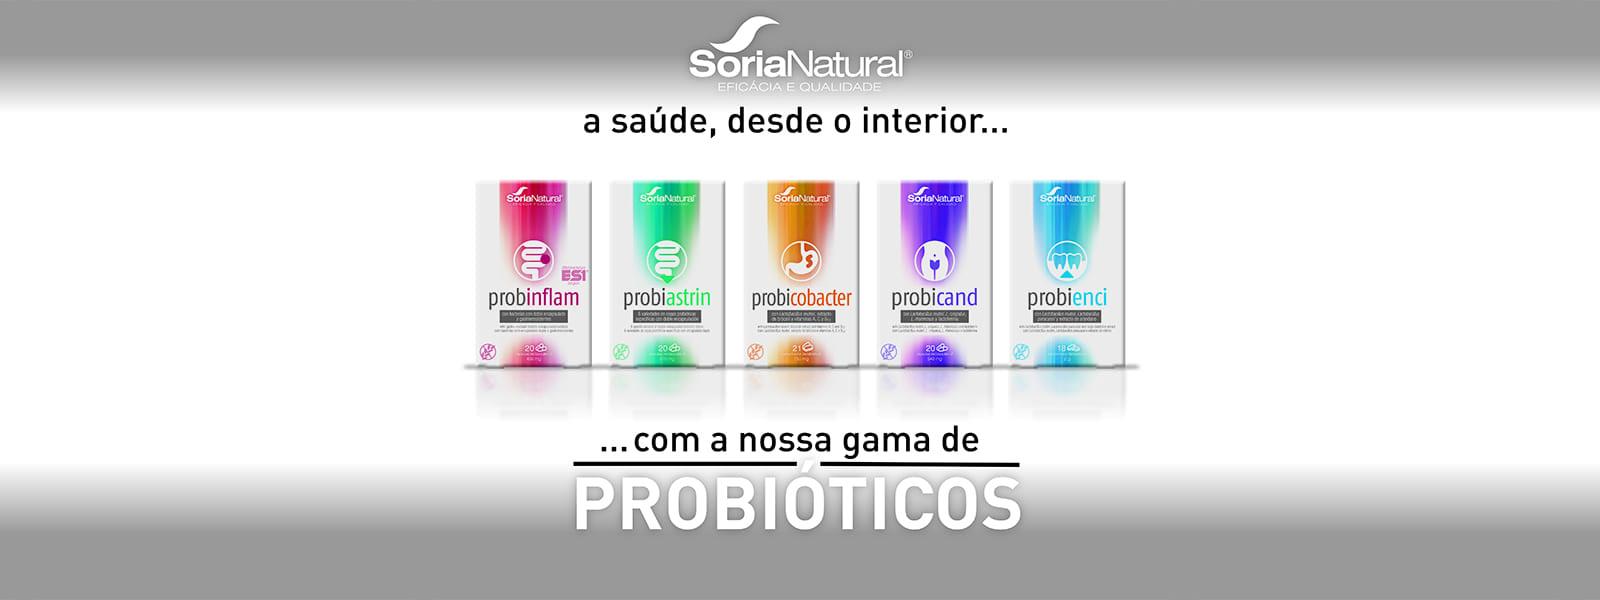 Probióticos - SoriaNatural